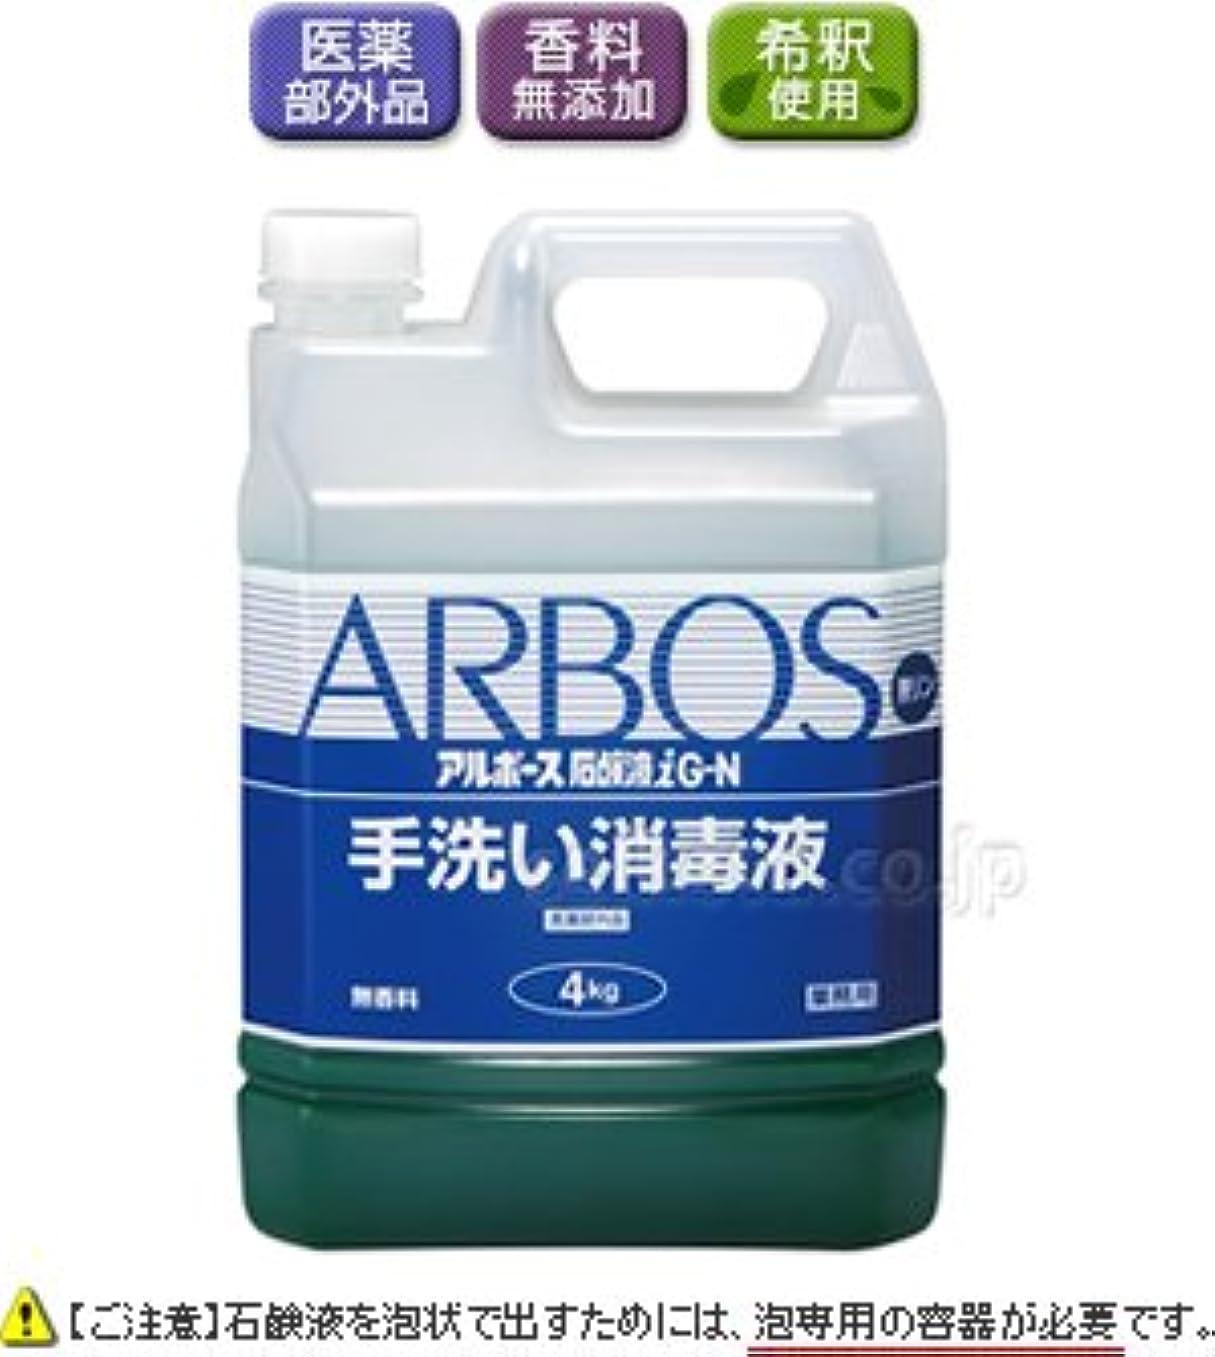 宇宙繰り返すとんでもない【清潔キレイ館】アルボース石鹸液iG-N(4kg×1本)